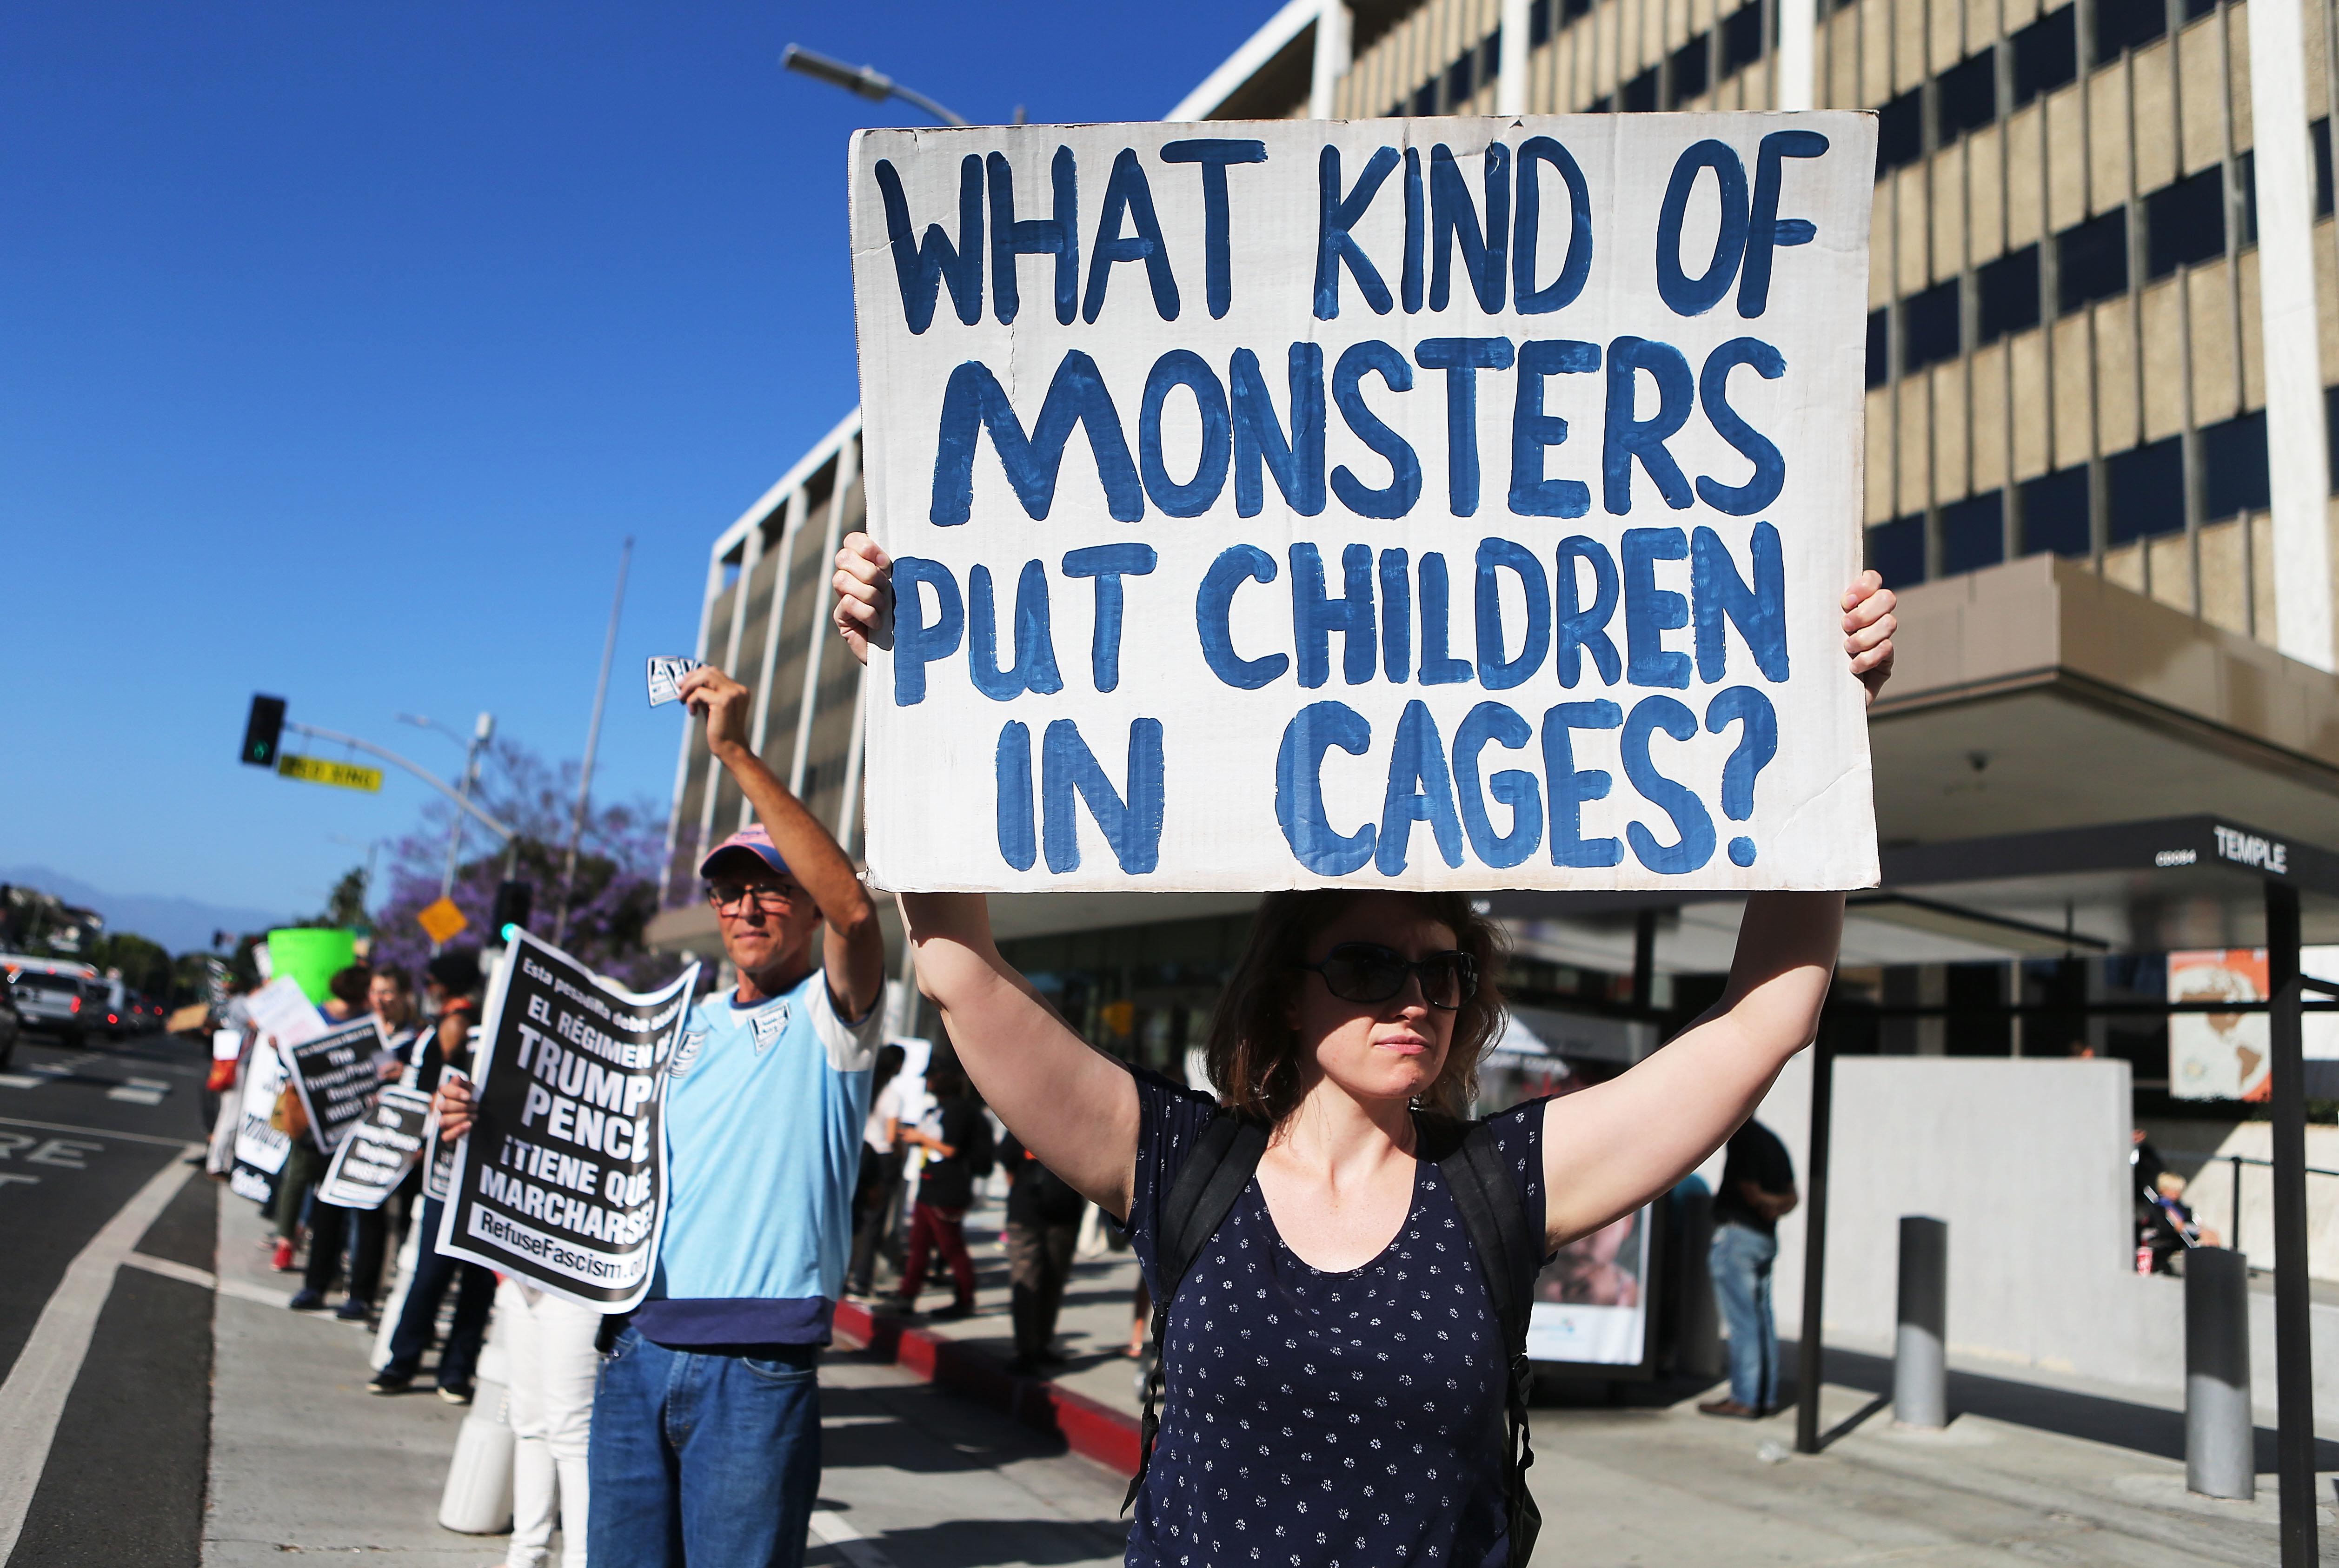 American Airlines και United ζητούν να μην χρησιμοποιούνται οιπτήσεις τους γιατη μεταφορά παιδιών που...